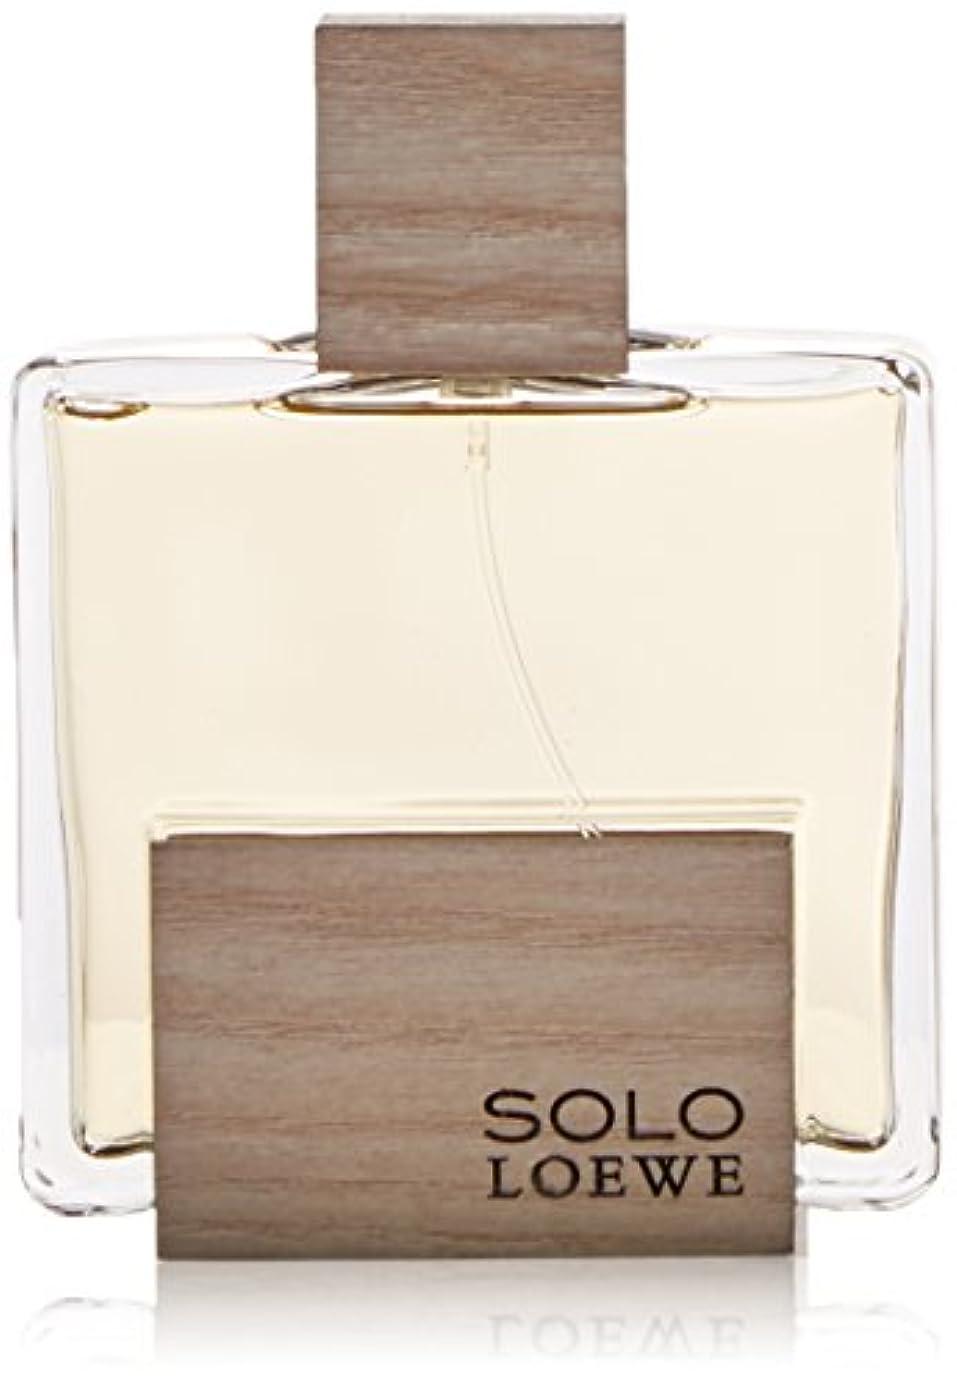 インゲンインタラクション広々としたSolo Loewe Cedro by Loewe Eau De Toilette Spray 3.4 oz / 100 ml (Men)